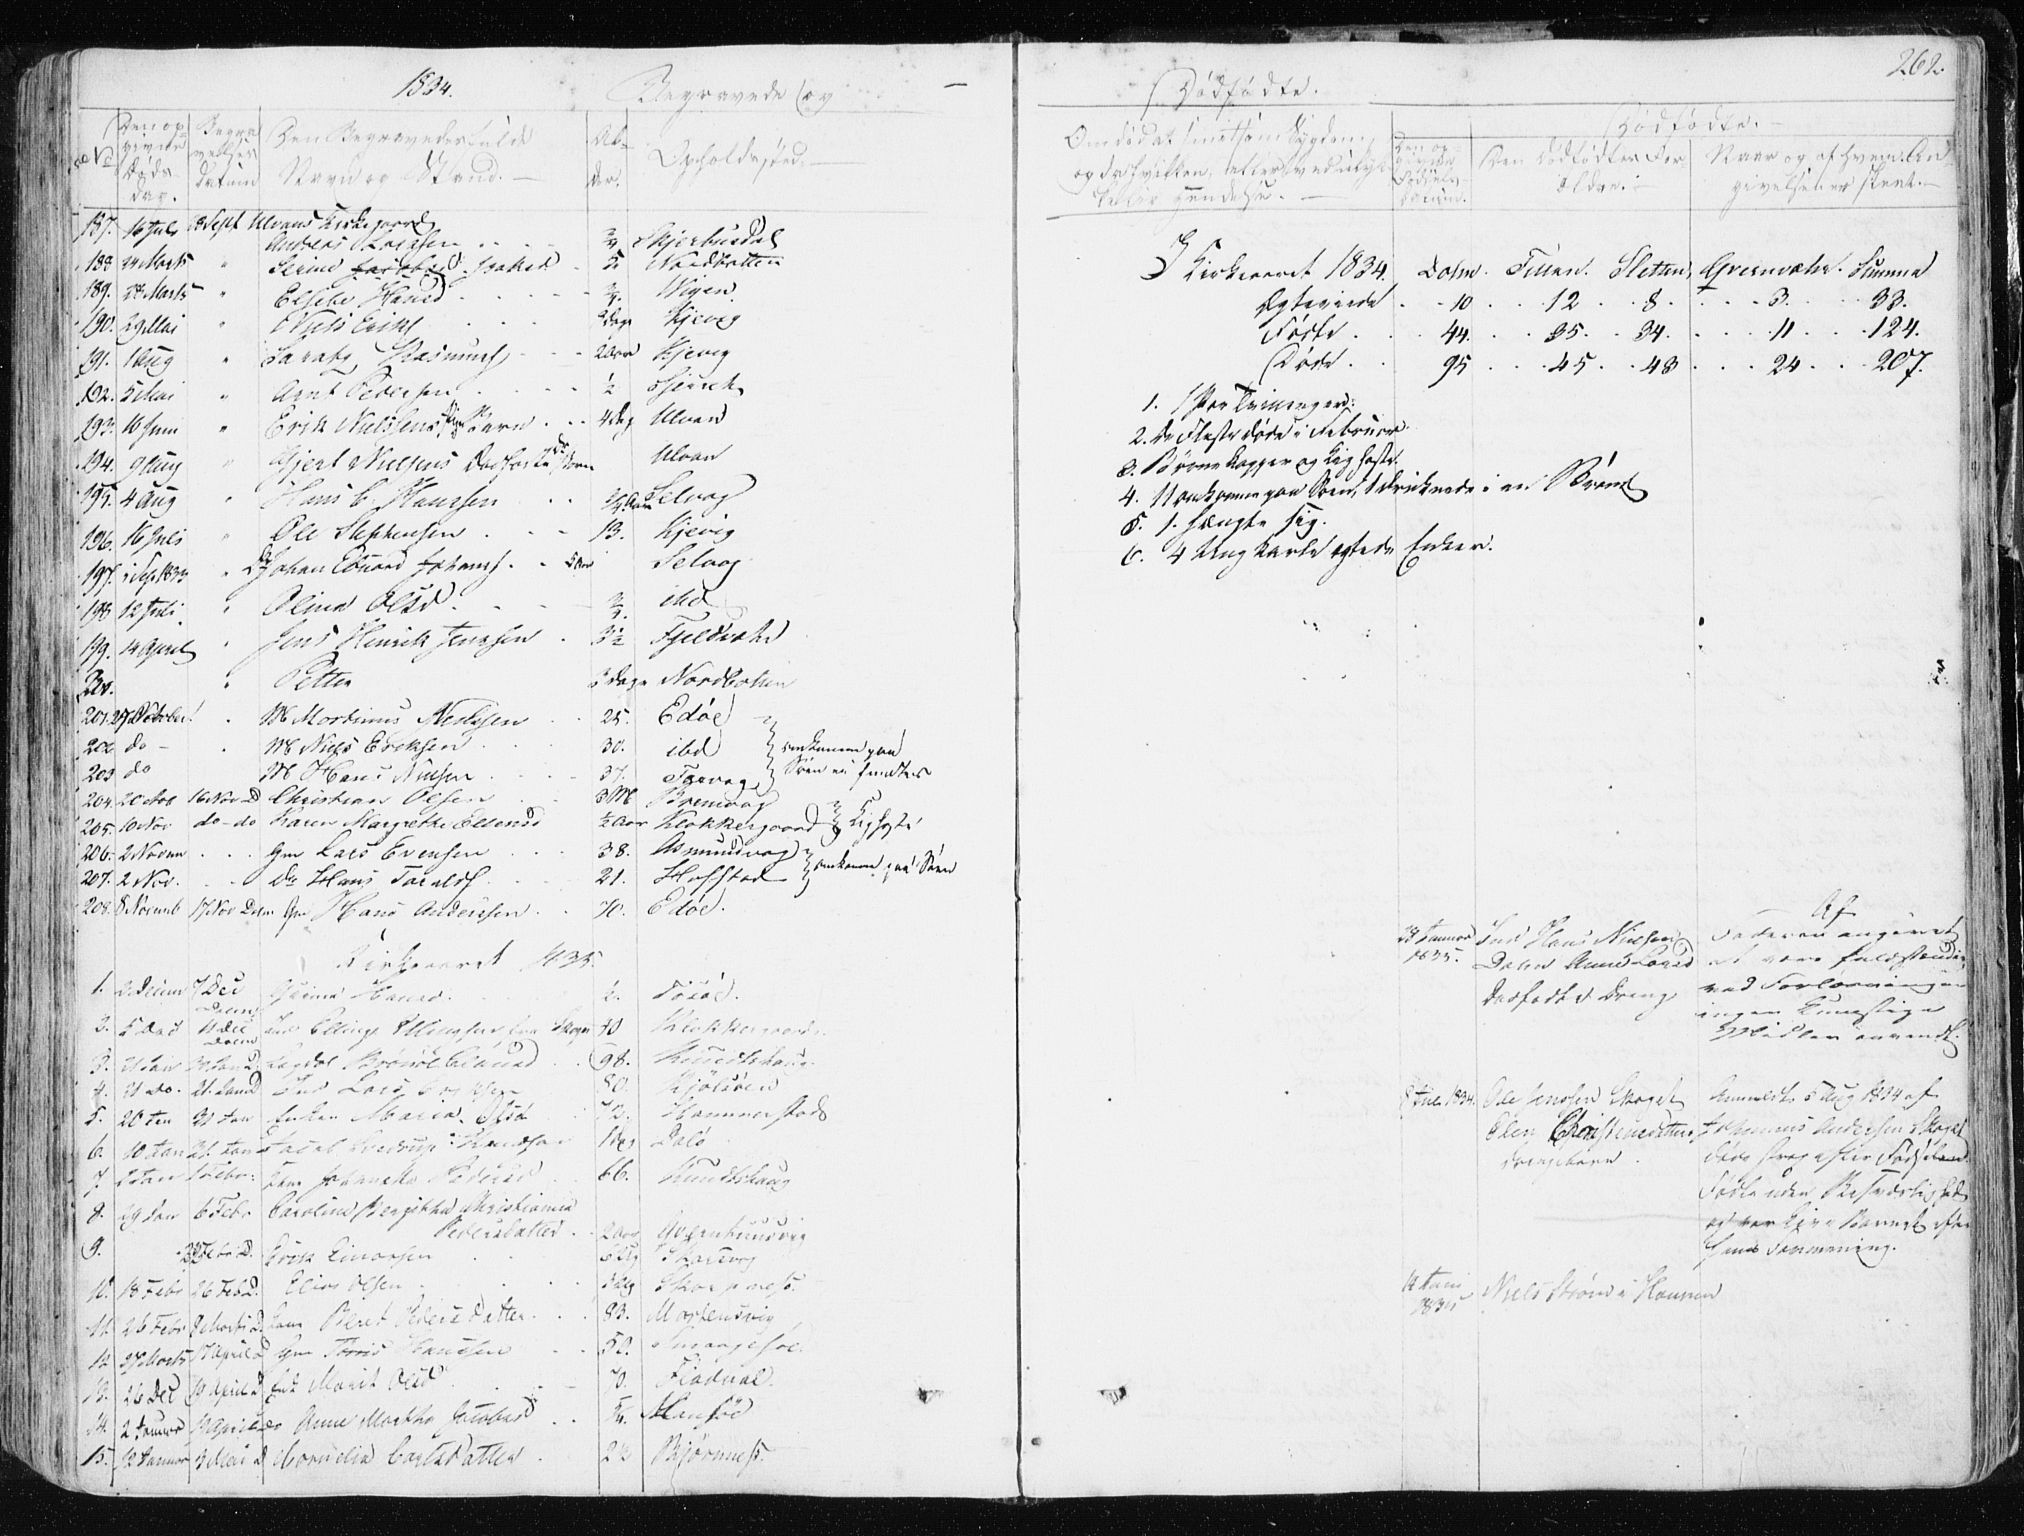 SAT, Ministerialprotokoller, klokkerbøker og fødselsregistre - Sør-Trøndelag, 634/L0528: Ministerialbok nr. 634A04, 1827-1842, s. 262